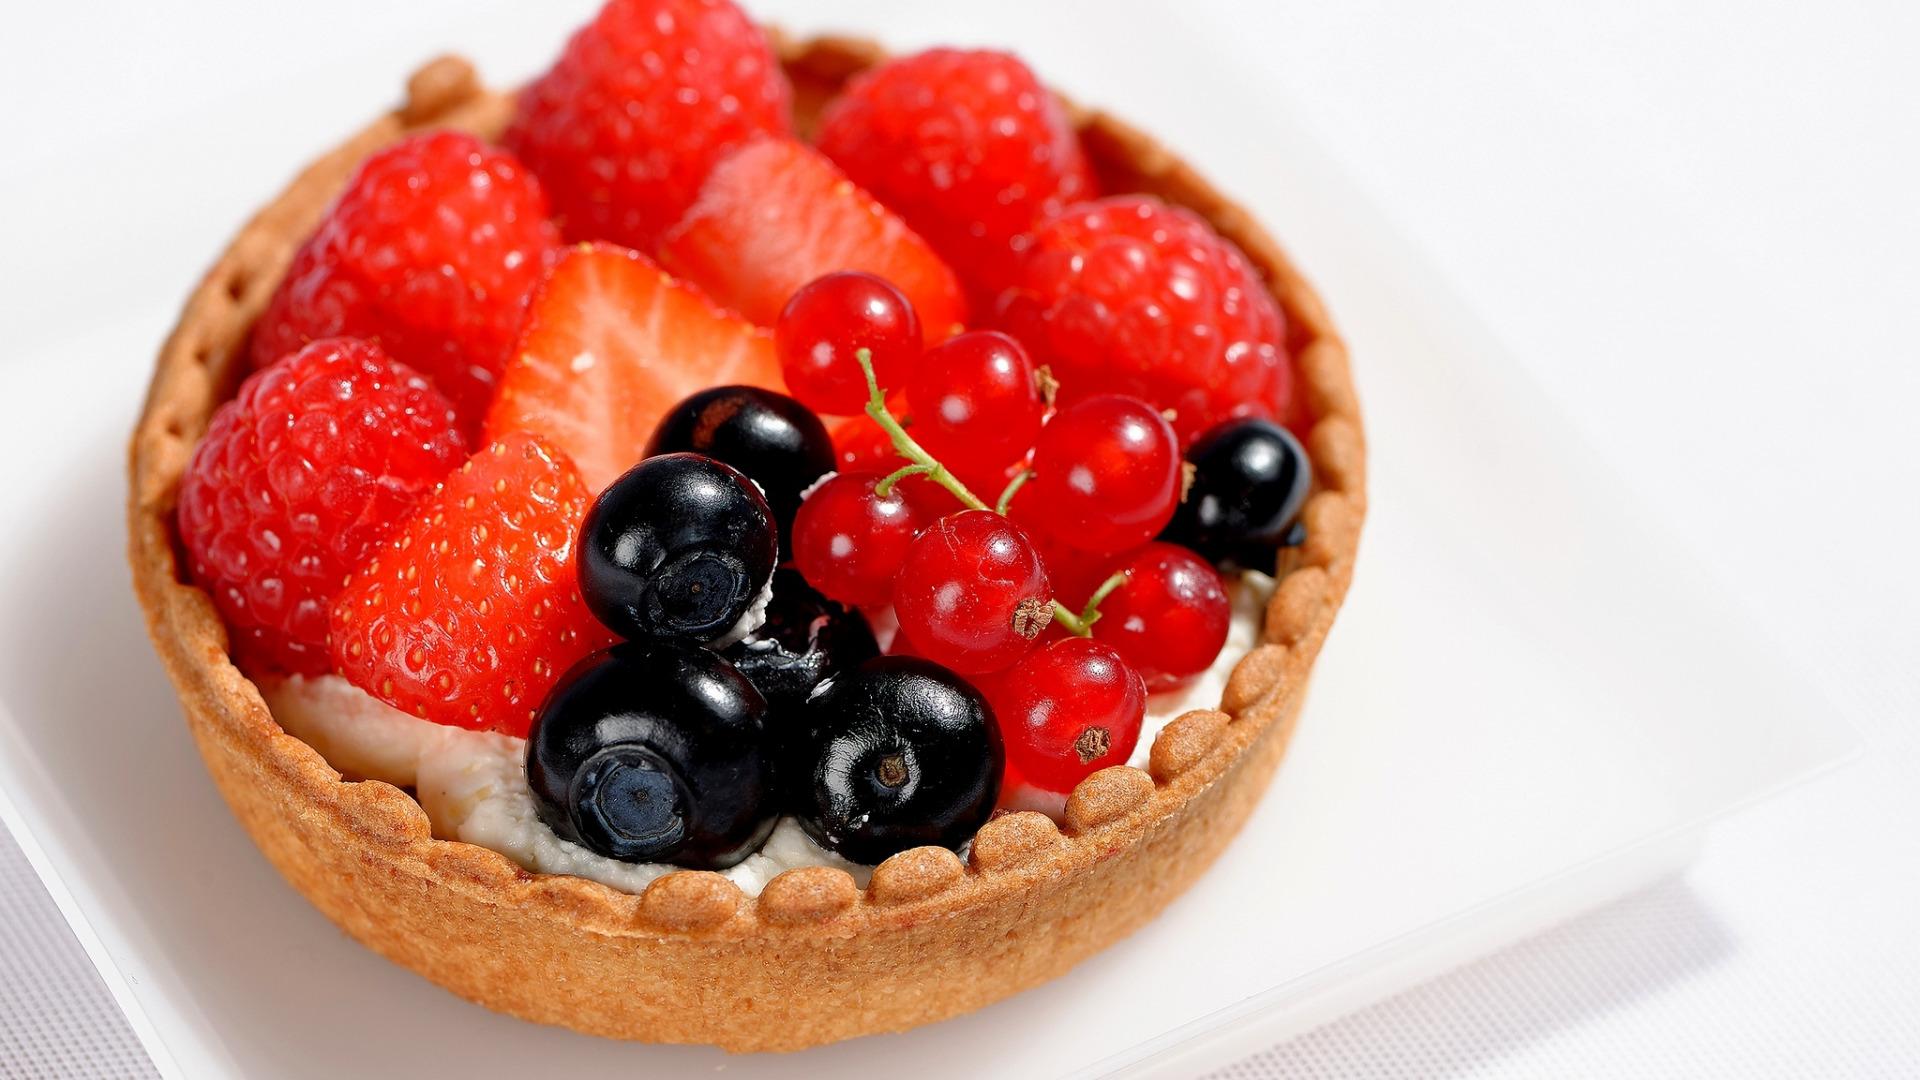 вариант пирожные с ягодами картинки неё